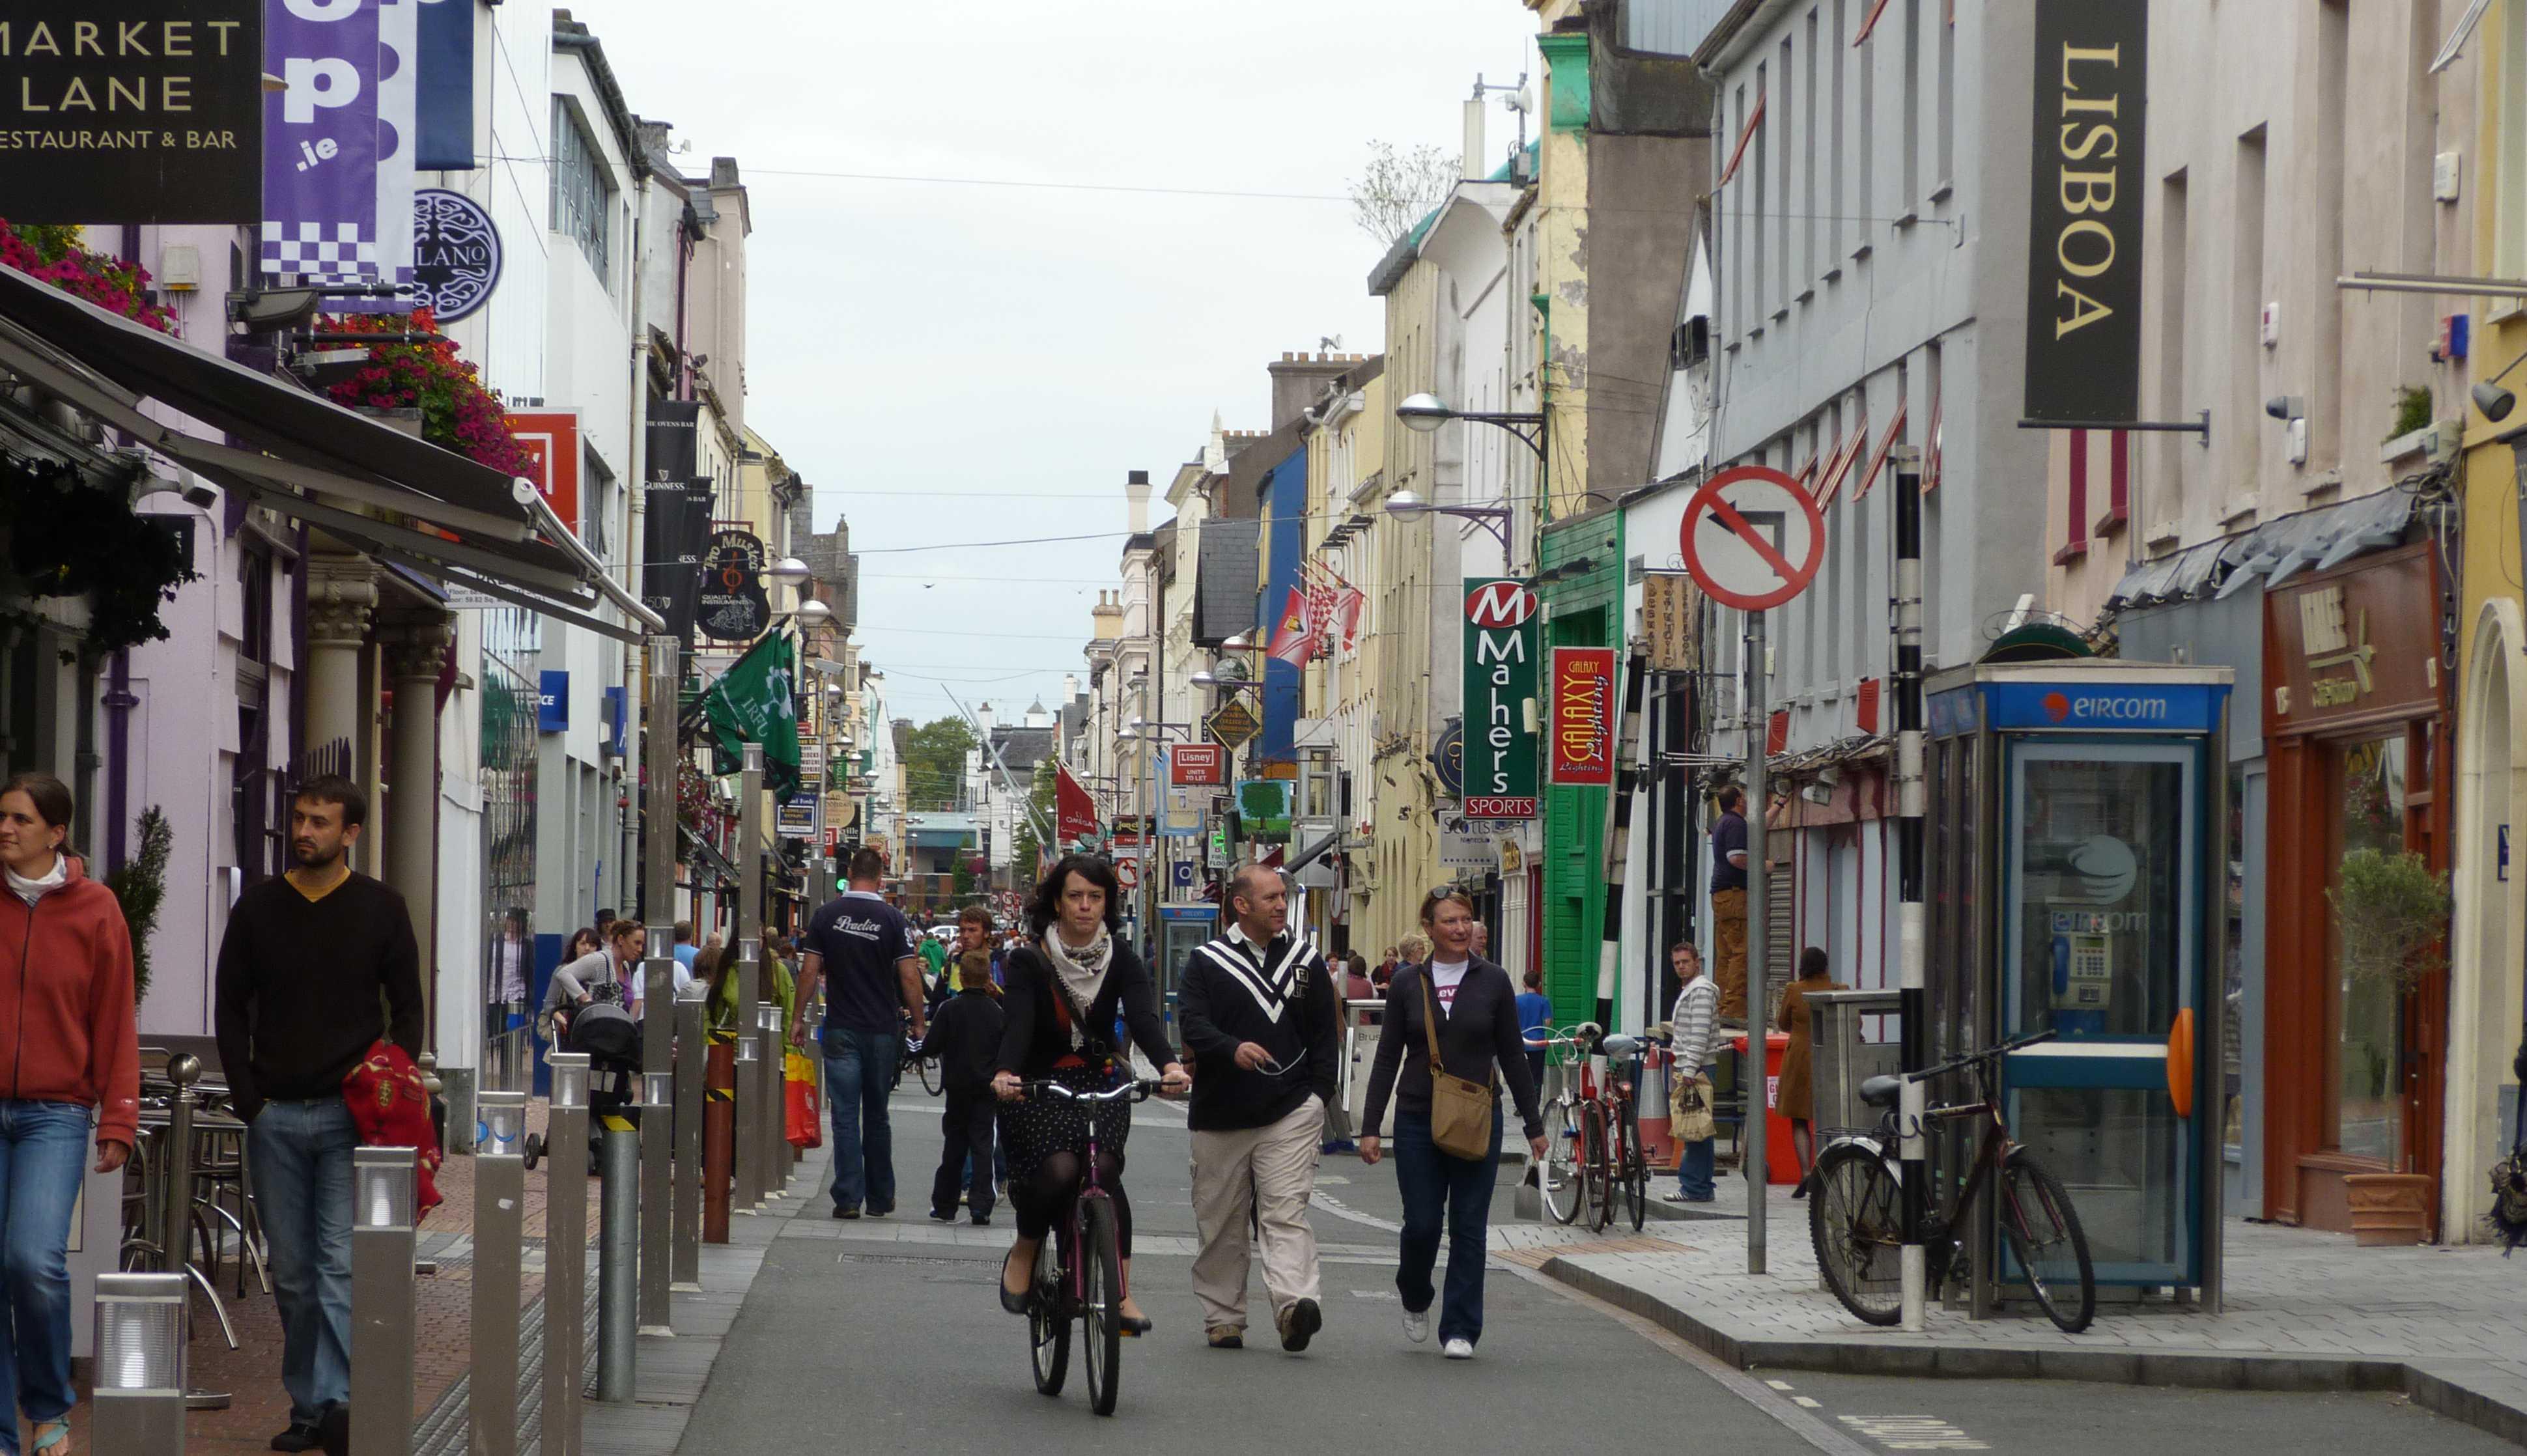 Cork'ta Alışveriş